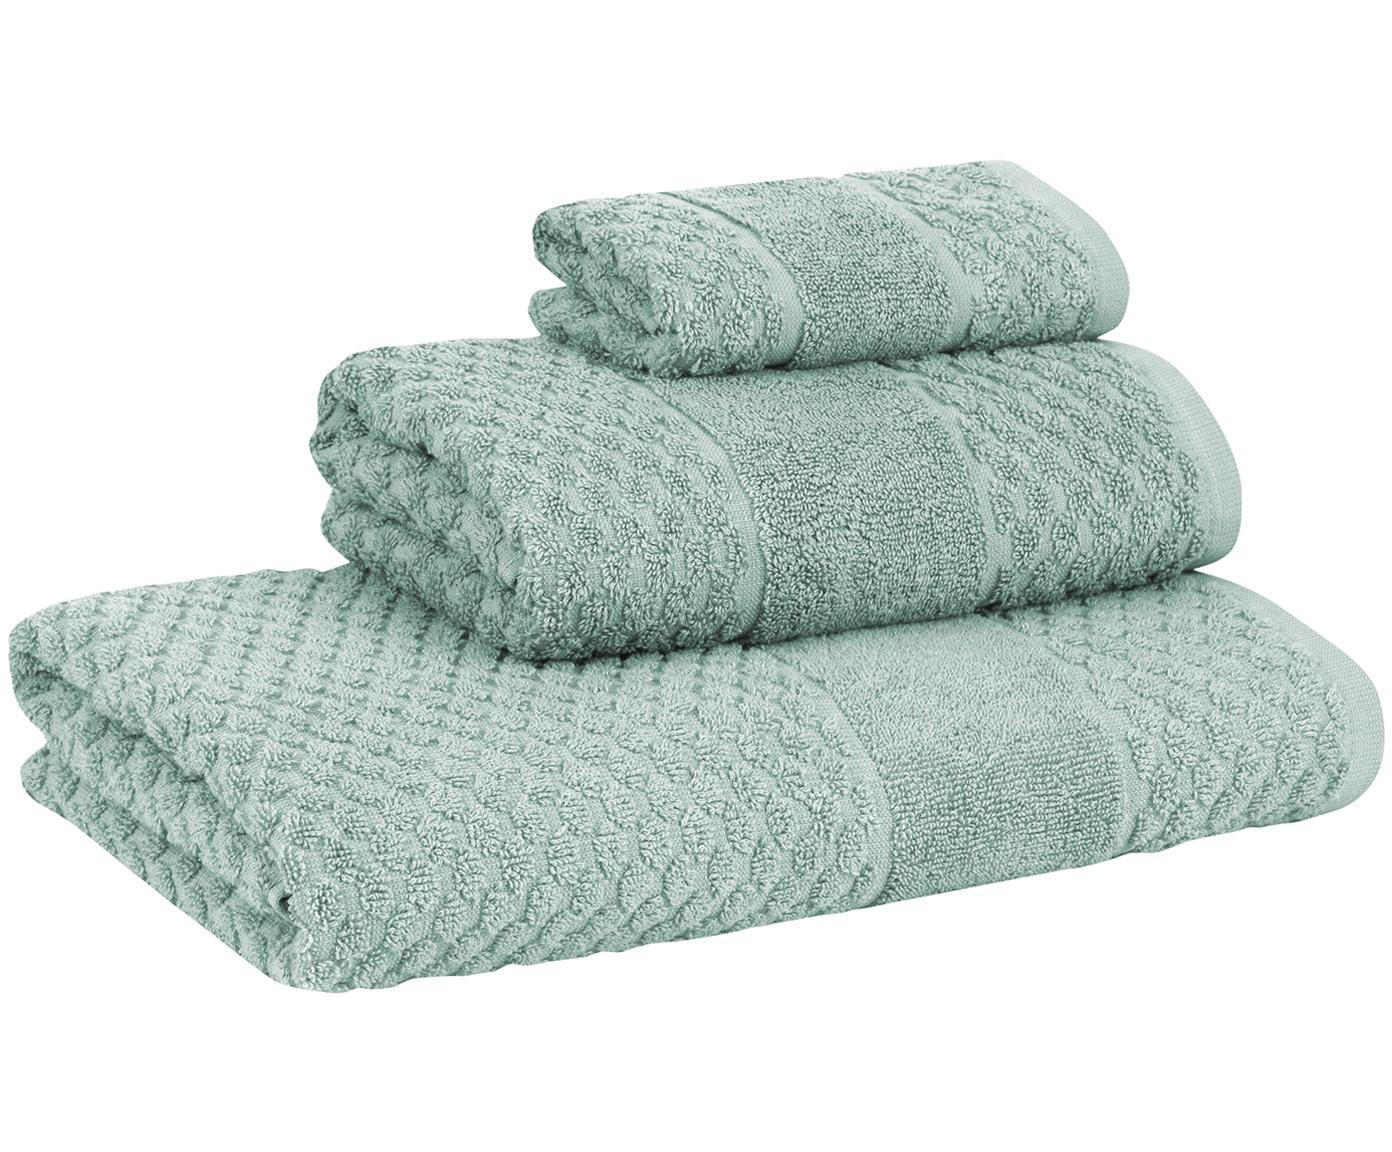 Handdoekenset Katharina, 3-delig, 100% katoen lichte kwaliteit, 500 g/m², Mintgroen, Verschillende formaten